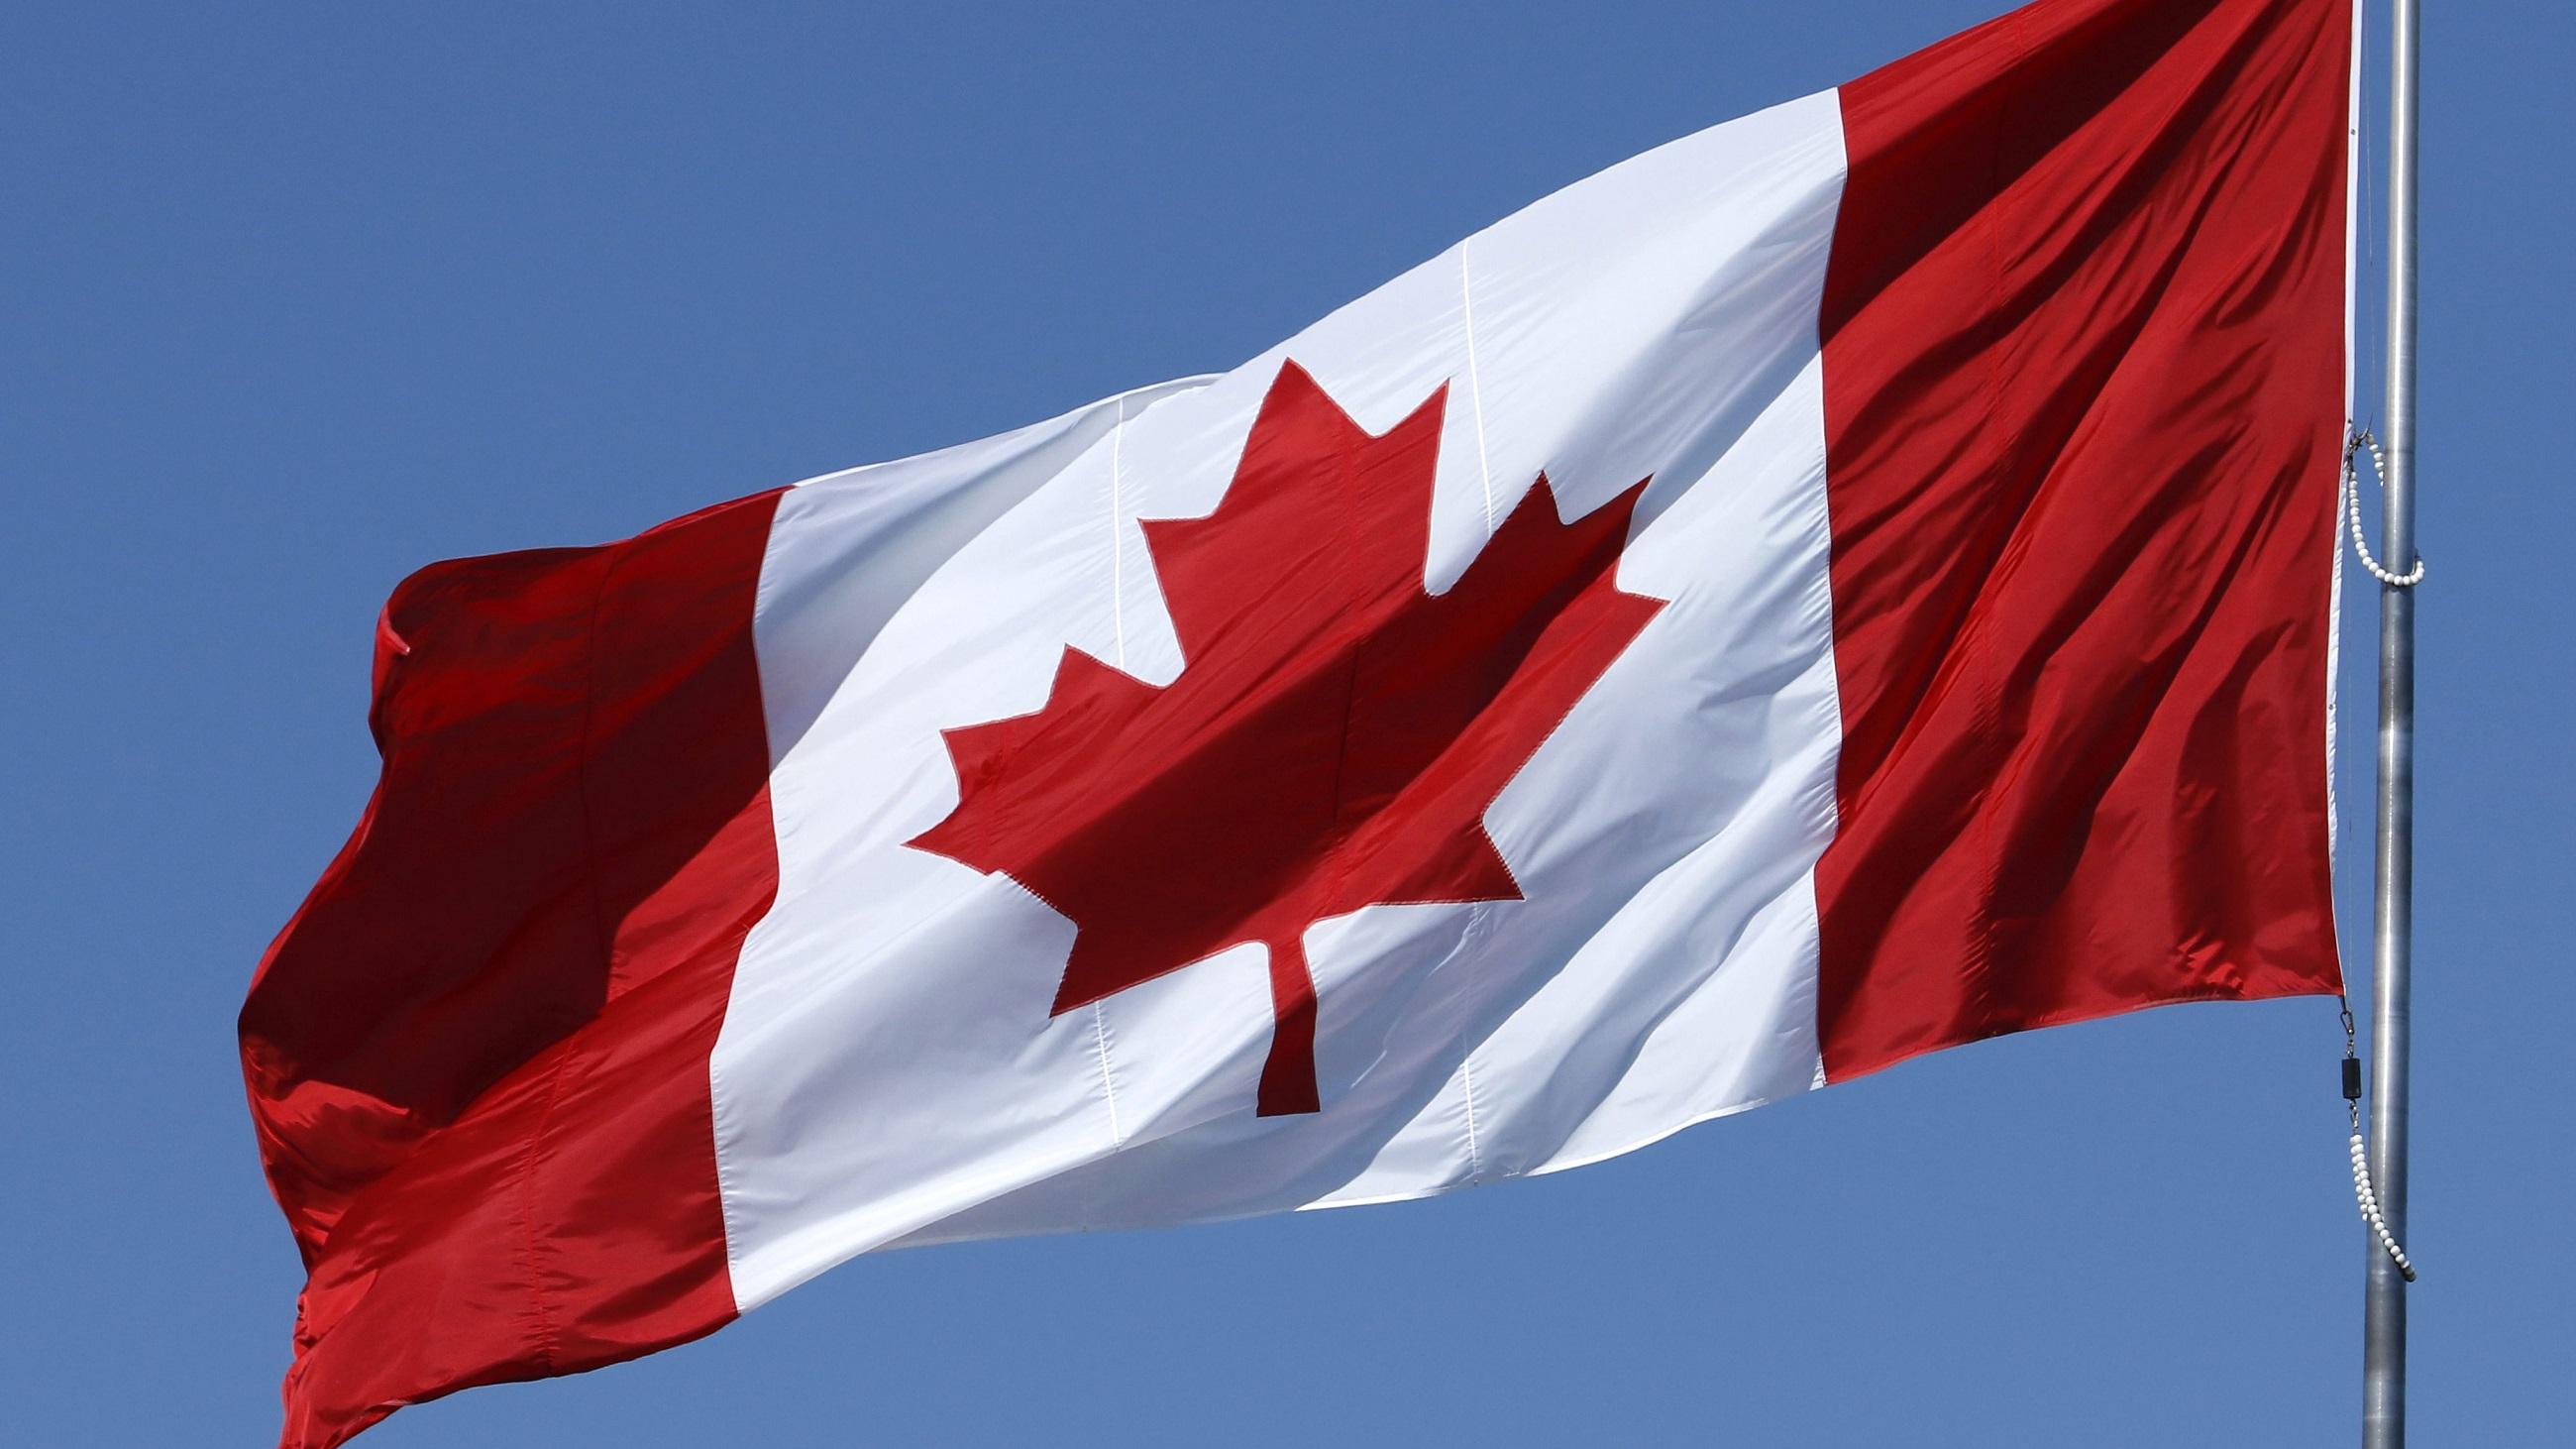 Canada Flag Wallpaper 16